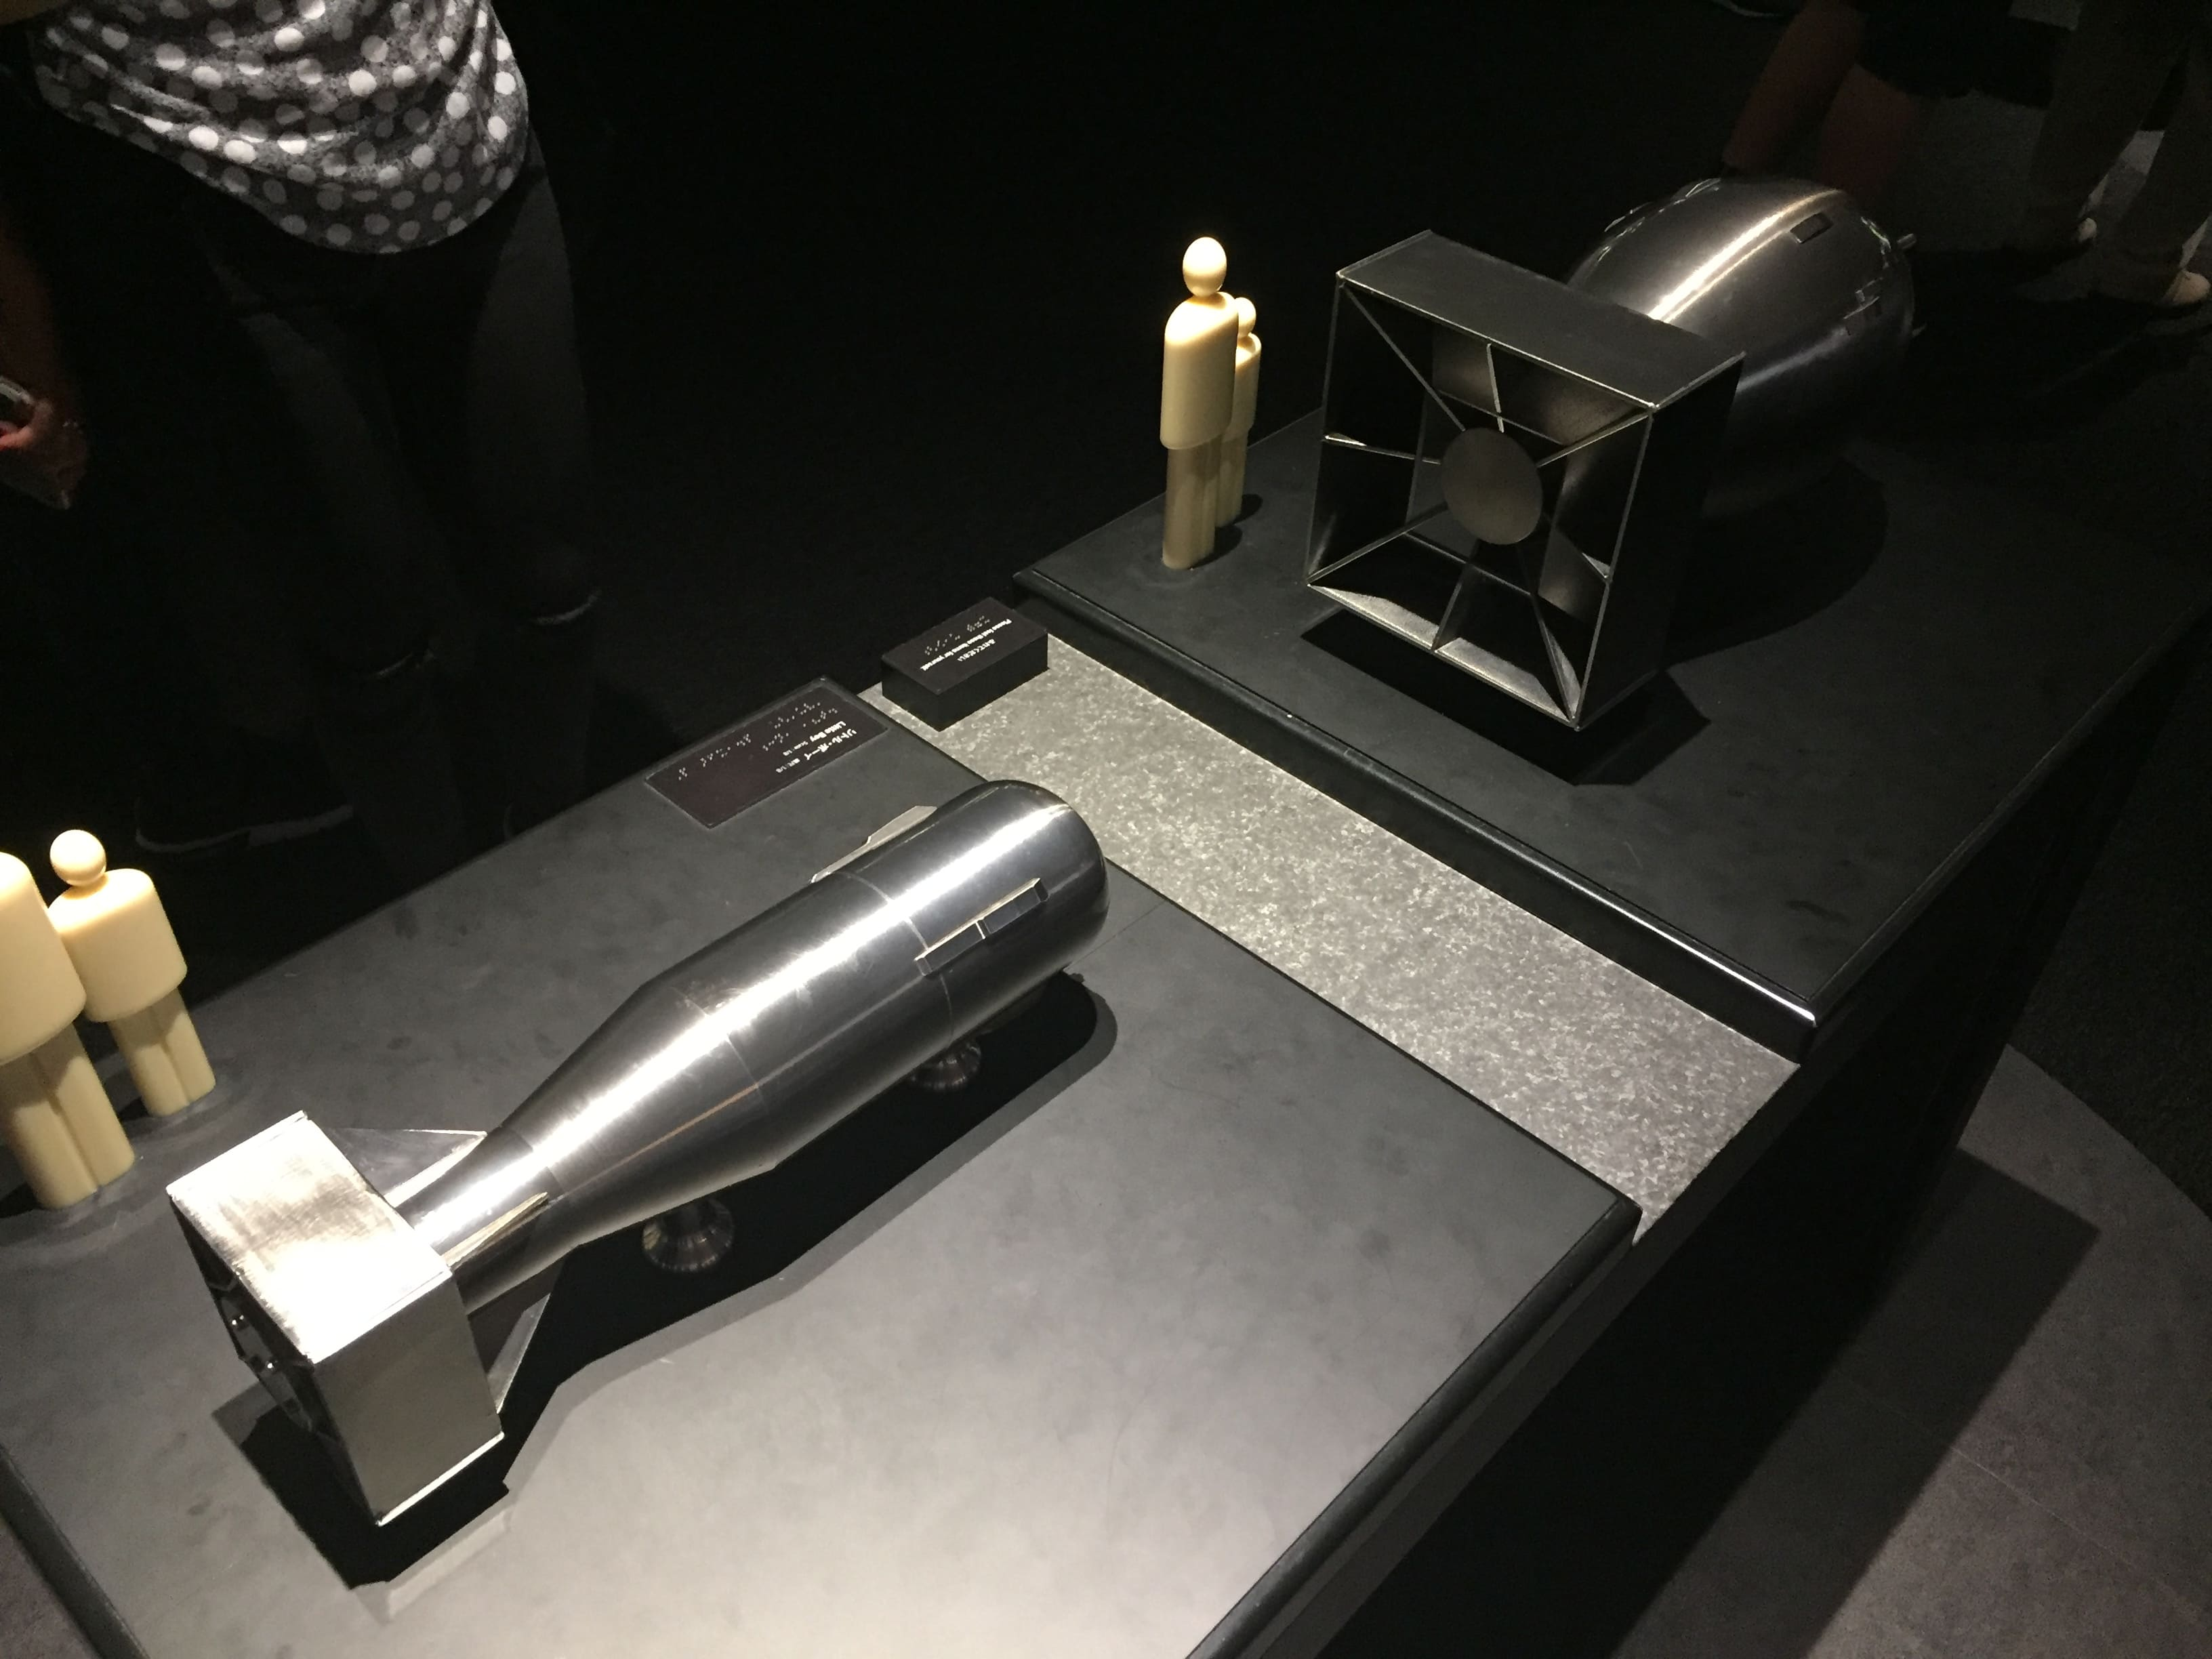 Bomba del Museo Memorial de la Paz de Hiroshima